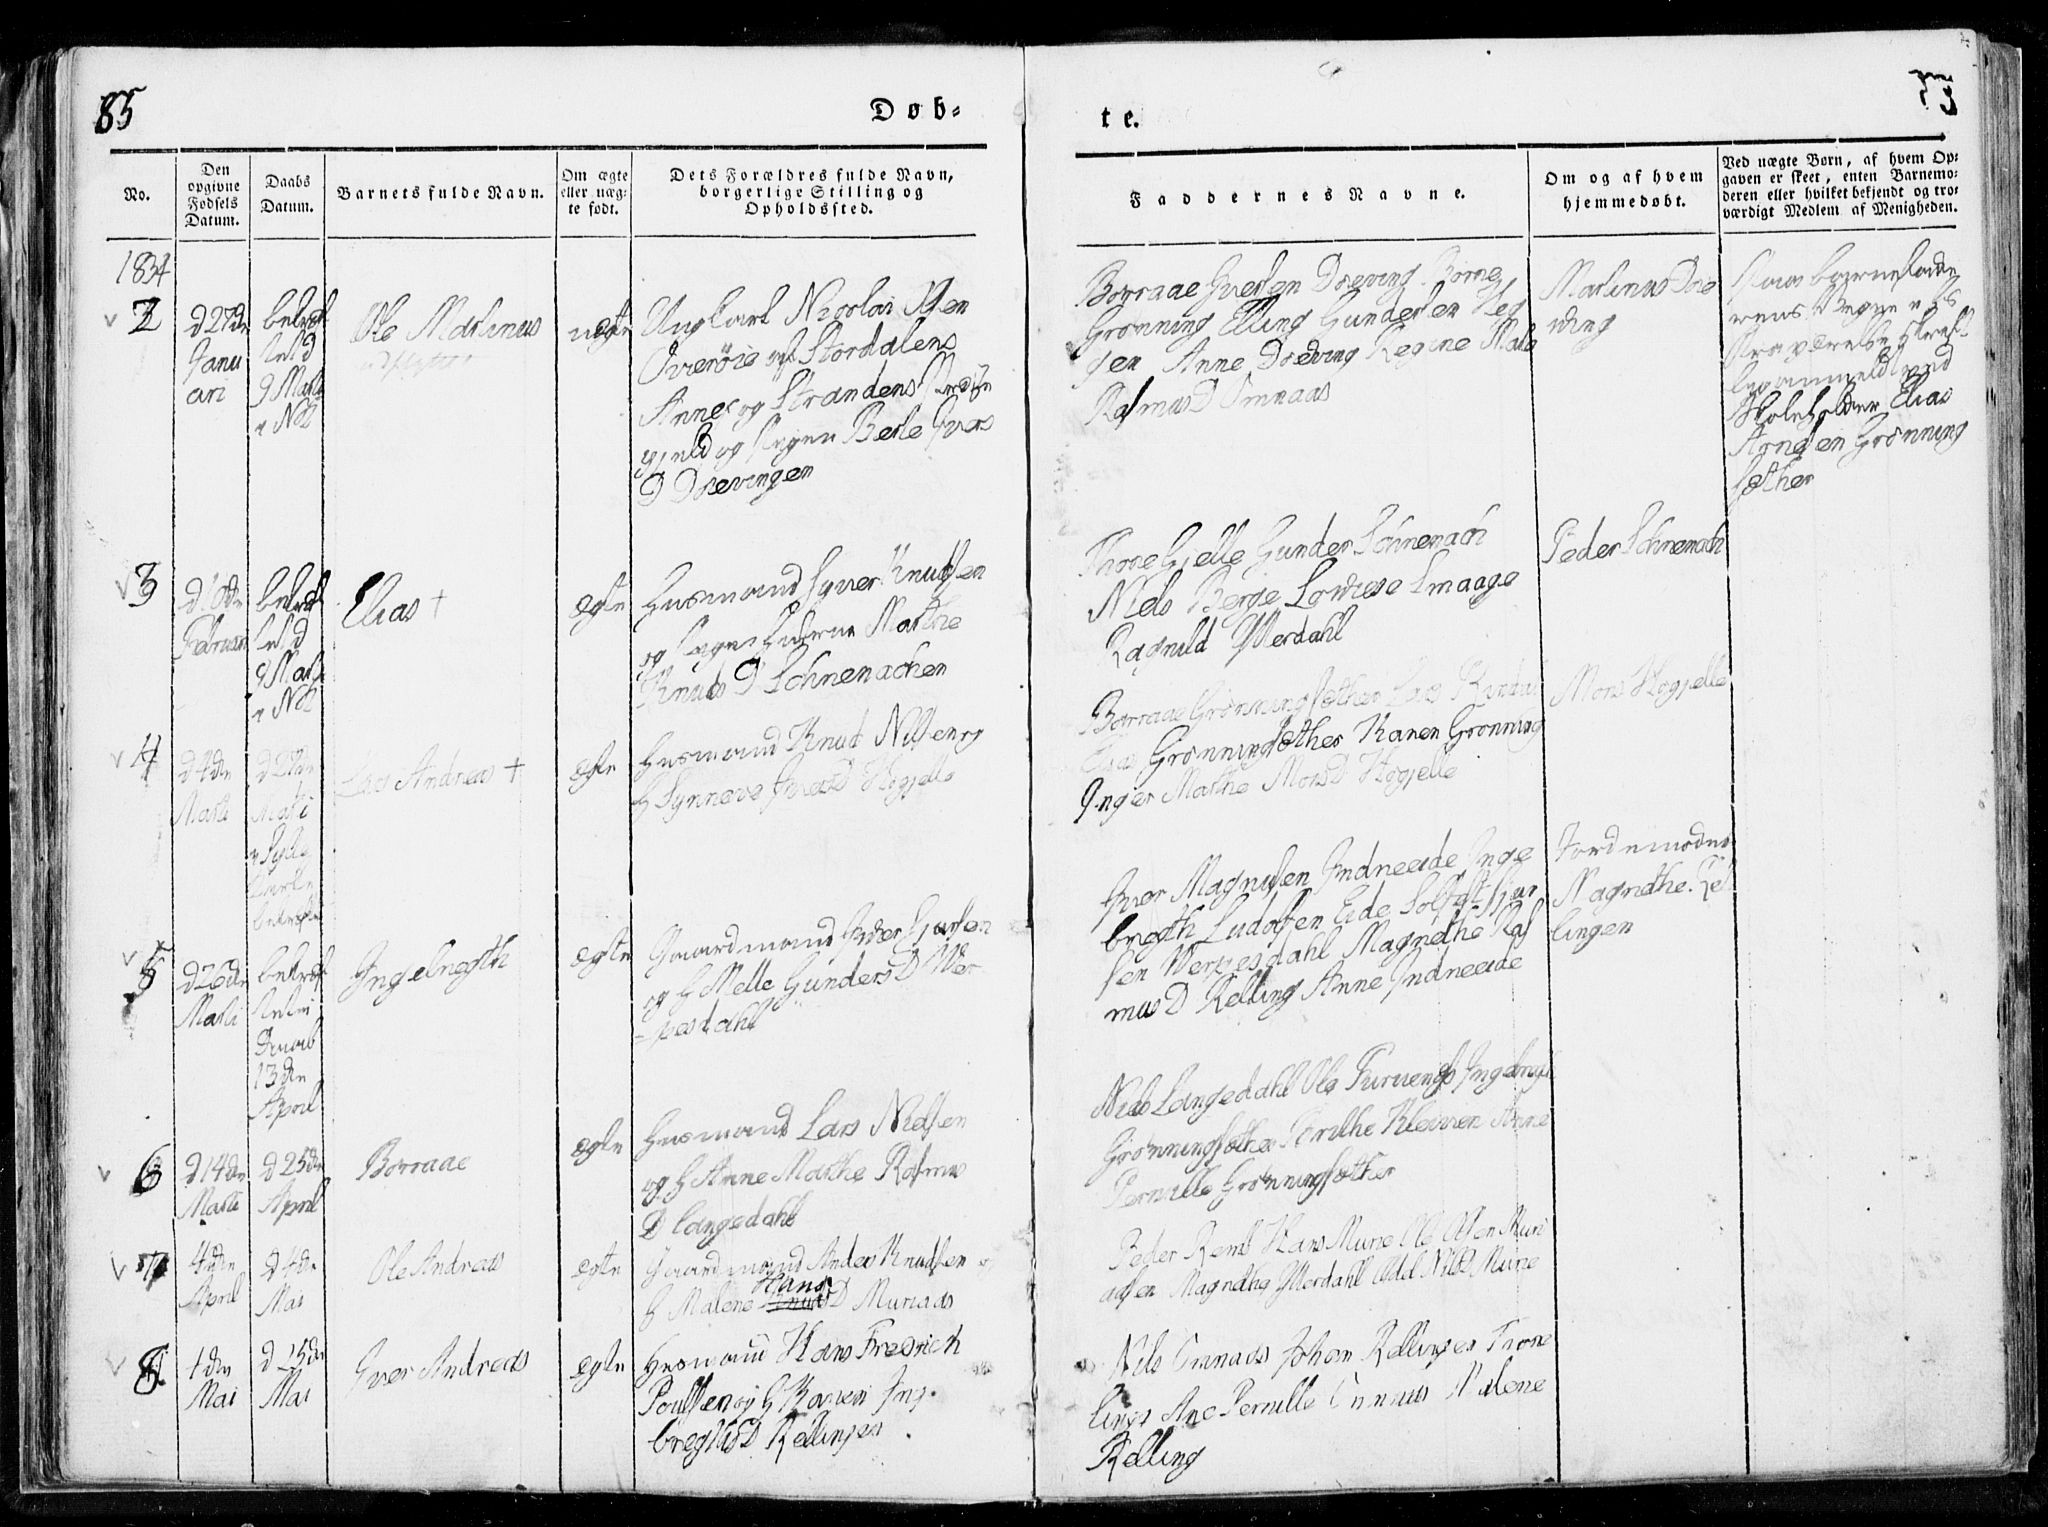 SAT, Ministerialprotokoller, klokkerbøker og fødselsregistre - Møre og Romsdal, 519/L0247: Ministerialbok nr. 519A06, 1827-1846, s. 85